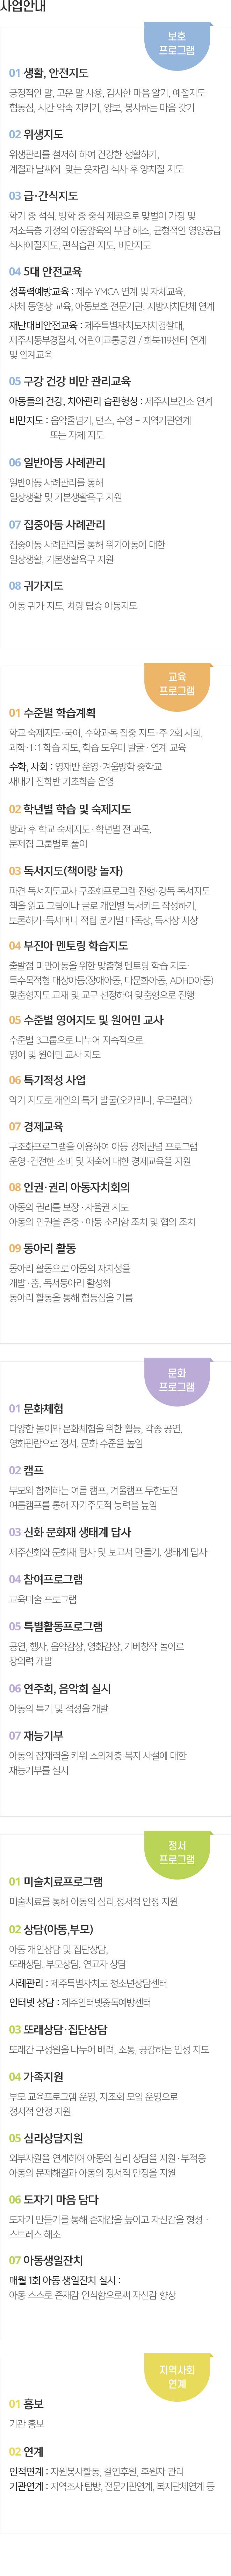 홍익지역아동센터 소개